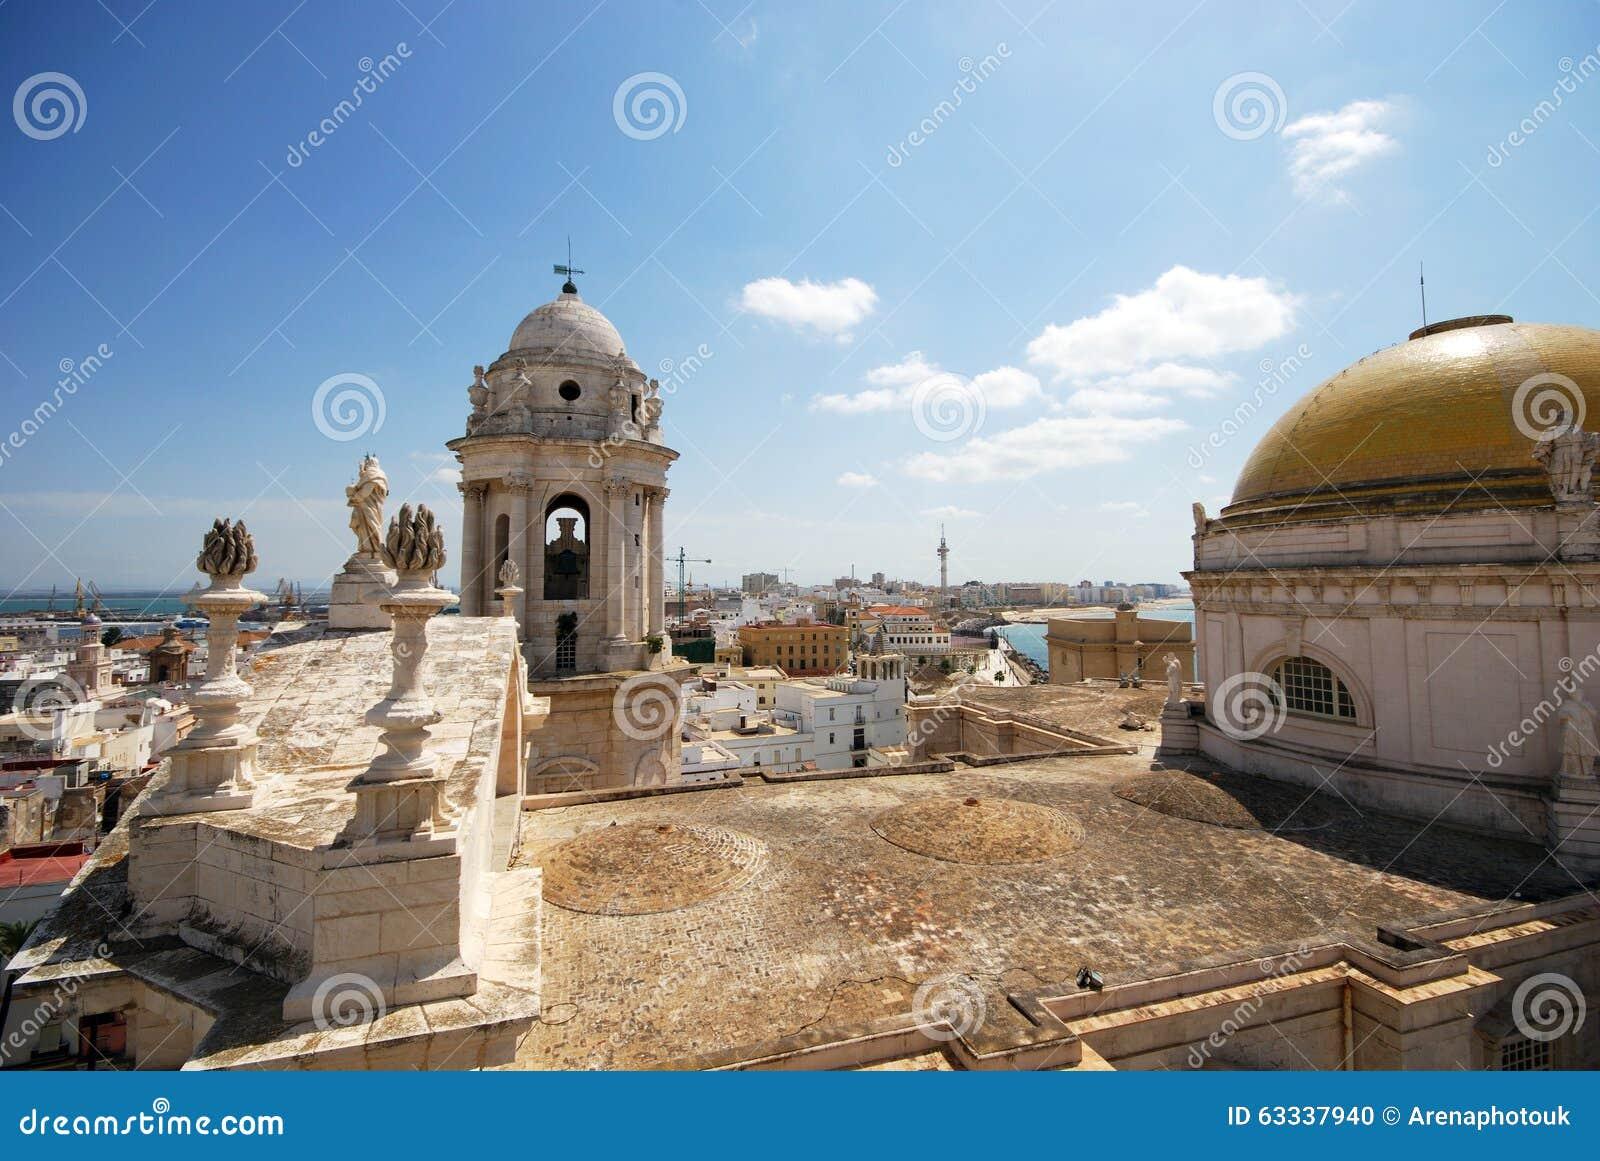 De Kathedraaldak van Cadiz